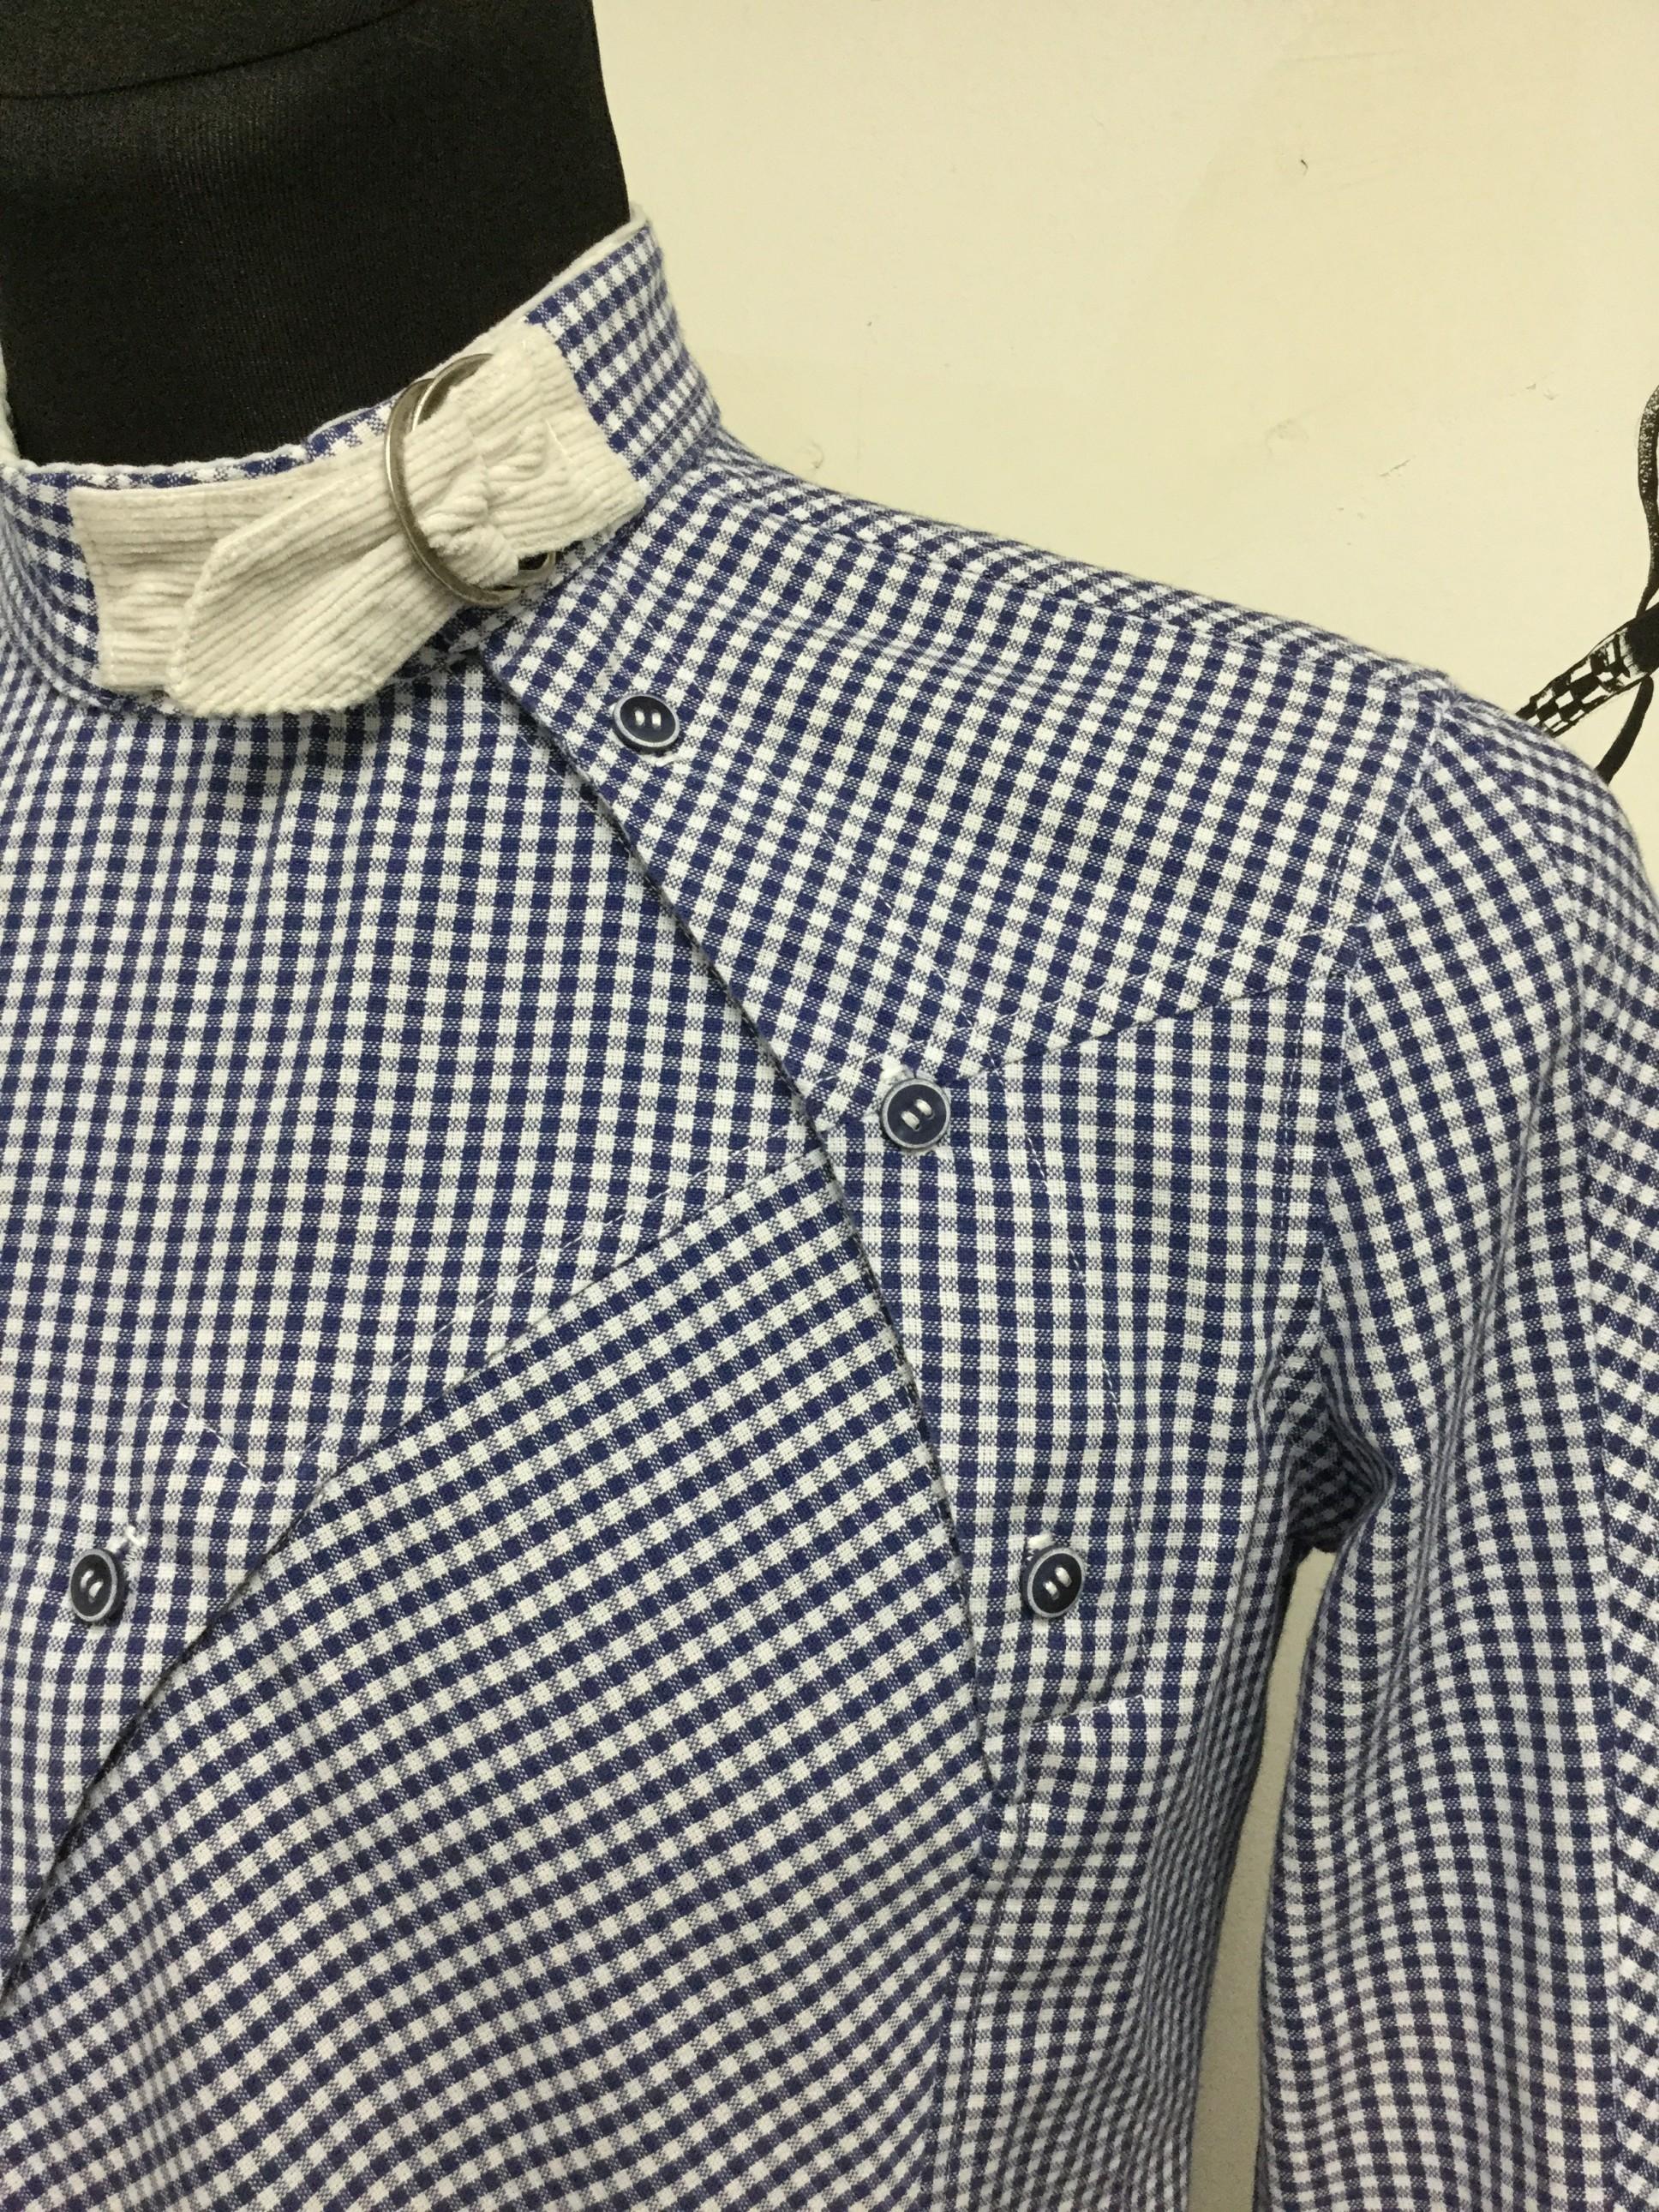 Обработка мужской рубашки курсы кройки и шитья Школа дизайнерского мастерства Елизаветы Добрицкой